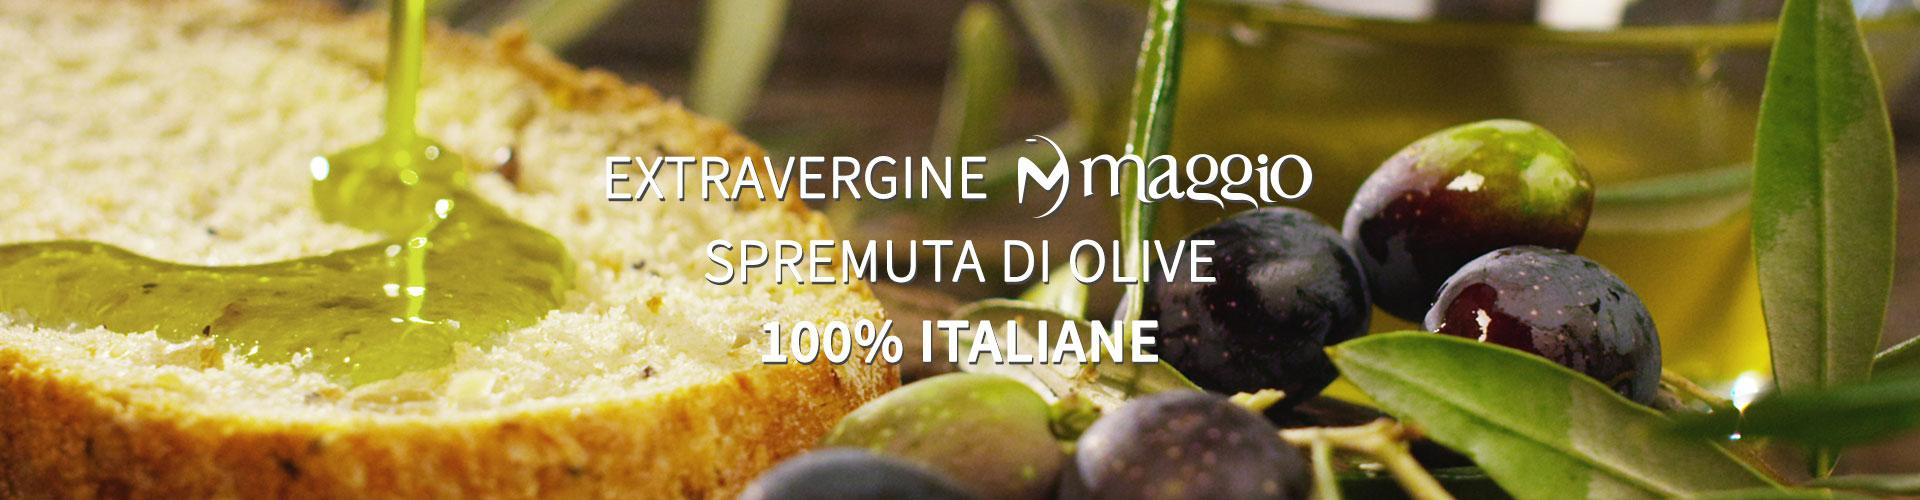 Oleificio Maggio - Una vera spremuta di olive - 100% italiano